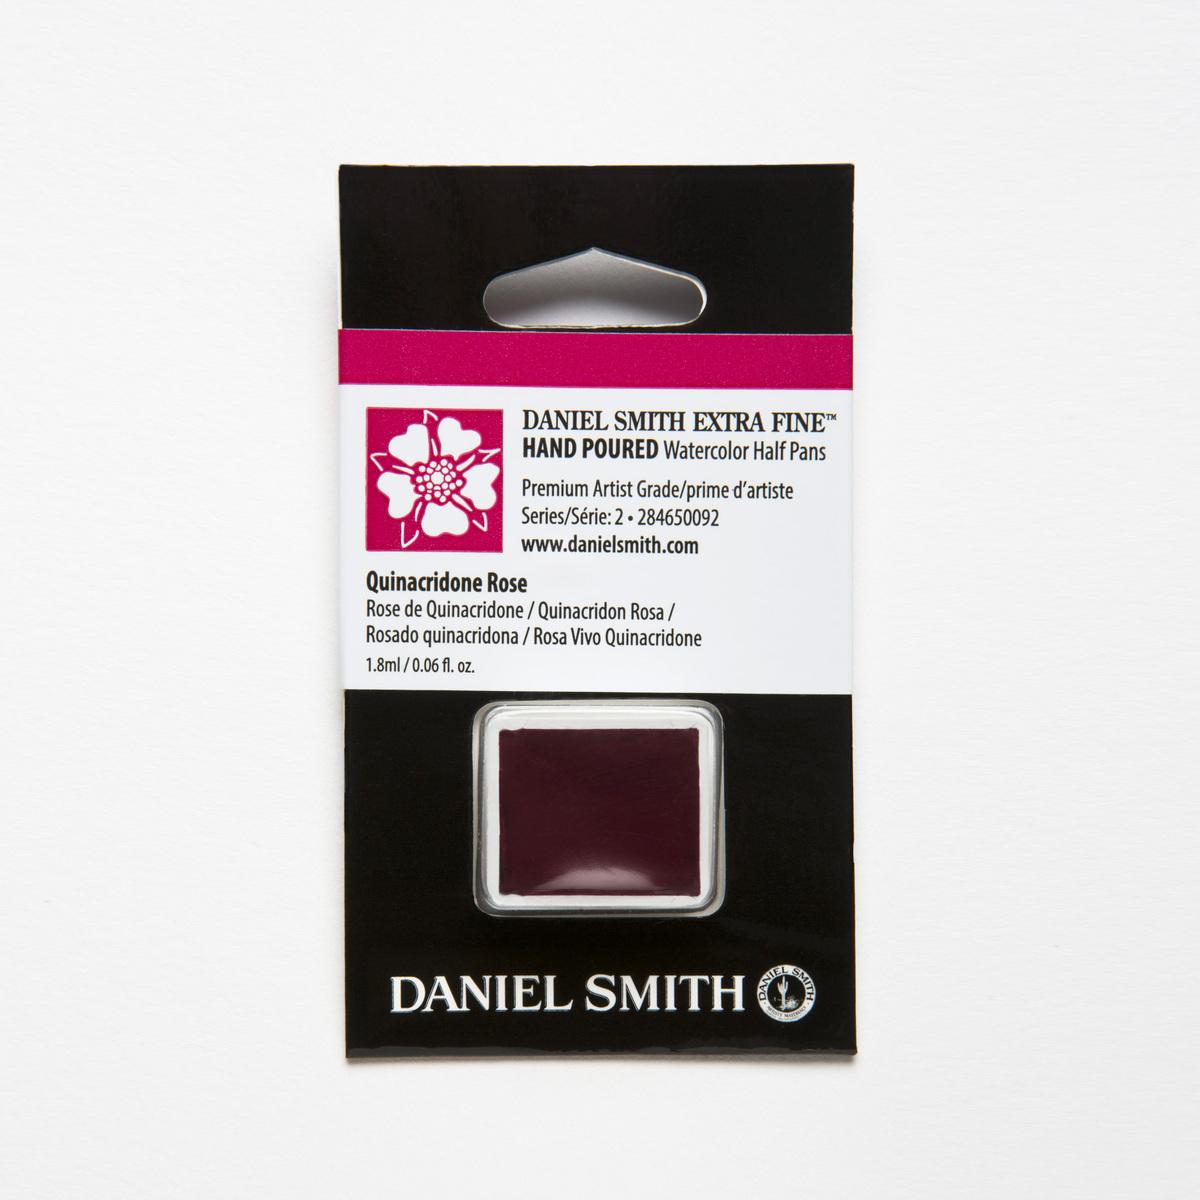 DANIEL お買い得品 SMITH キナクリドンローズ Quinacridone お買い得品 Rose 水彩絵具 ダニエル スミス ハーフパン